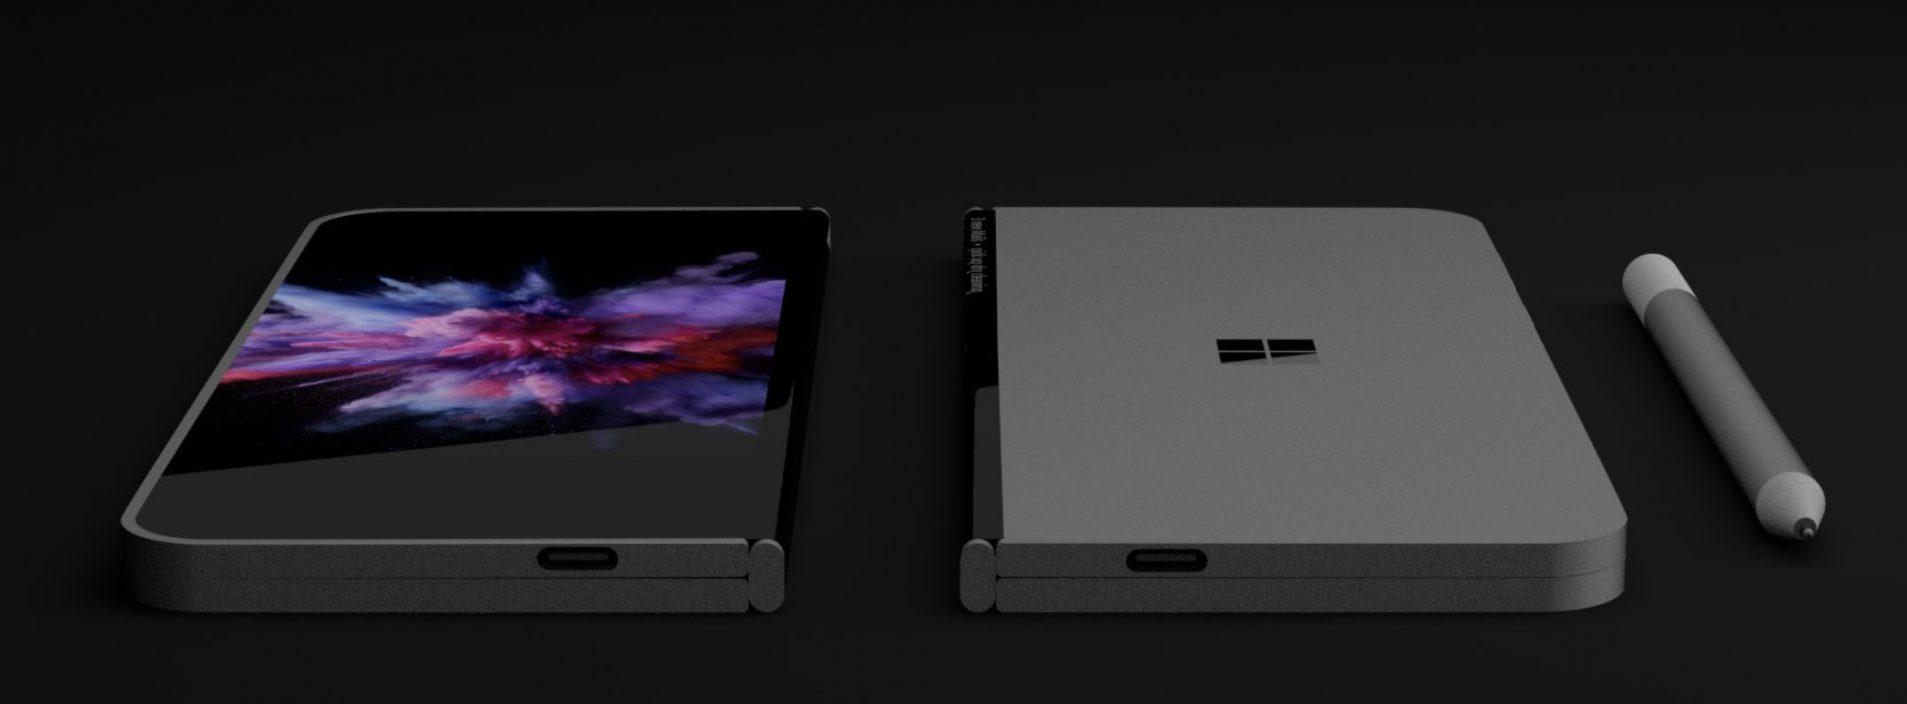 [Rumor] Dispositivo Andromeda da Microsoft pode ser lançado ainda em 2018